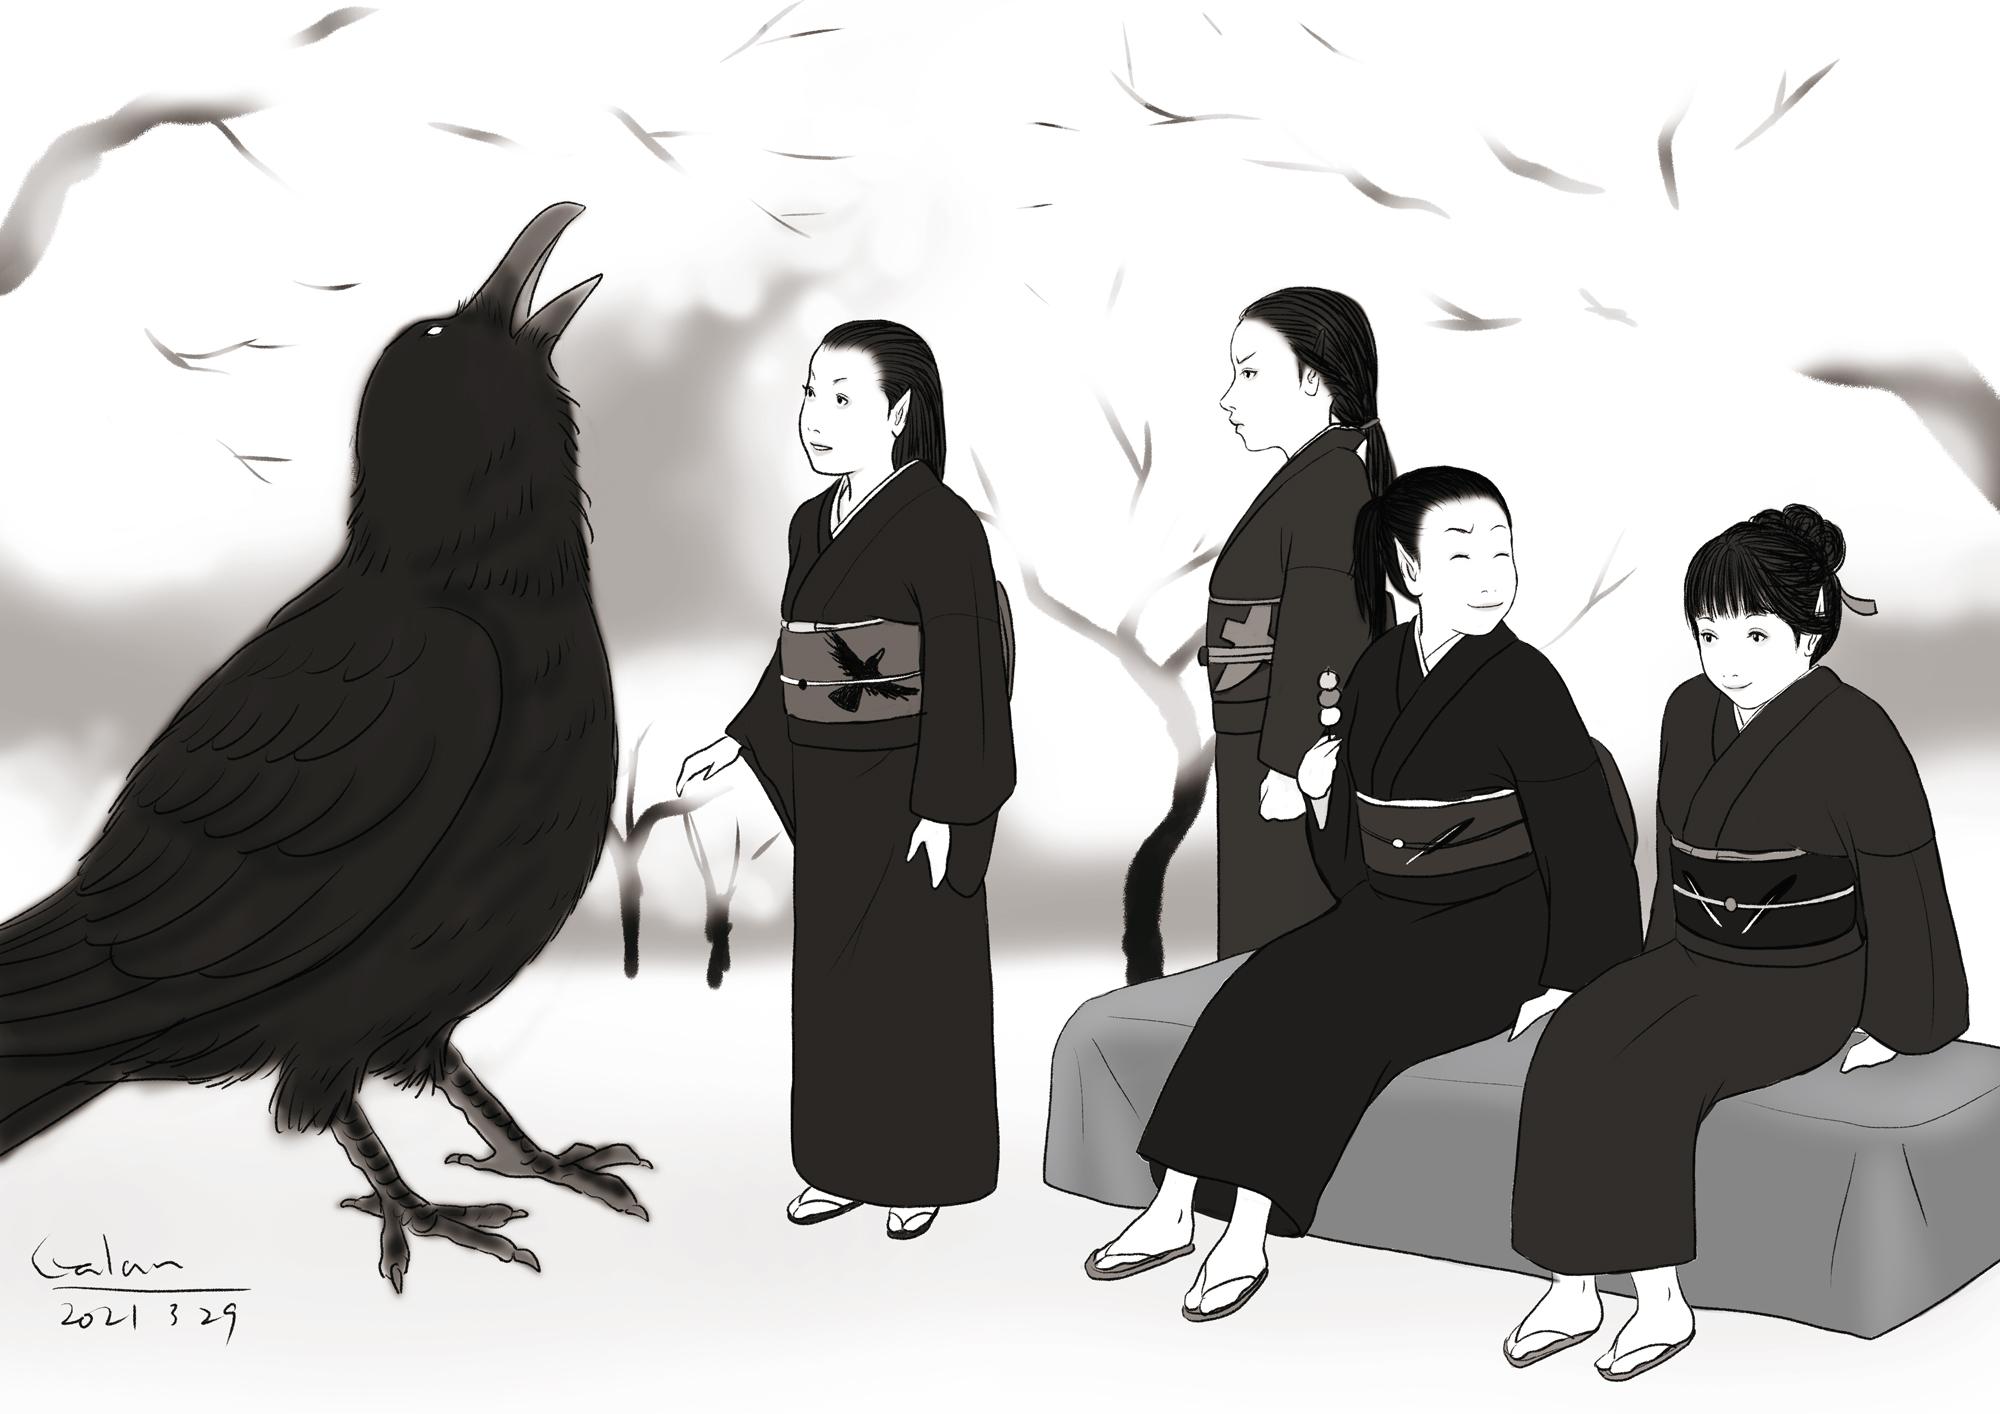 キャラクター紹介 カラス一家 KARASU